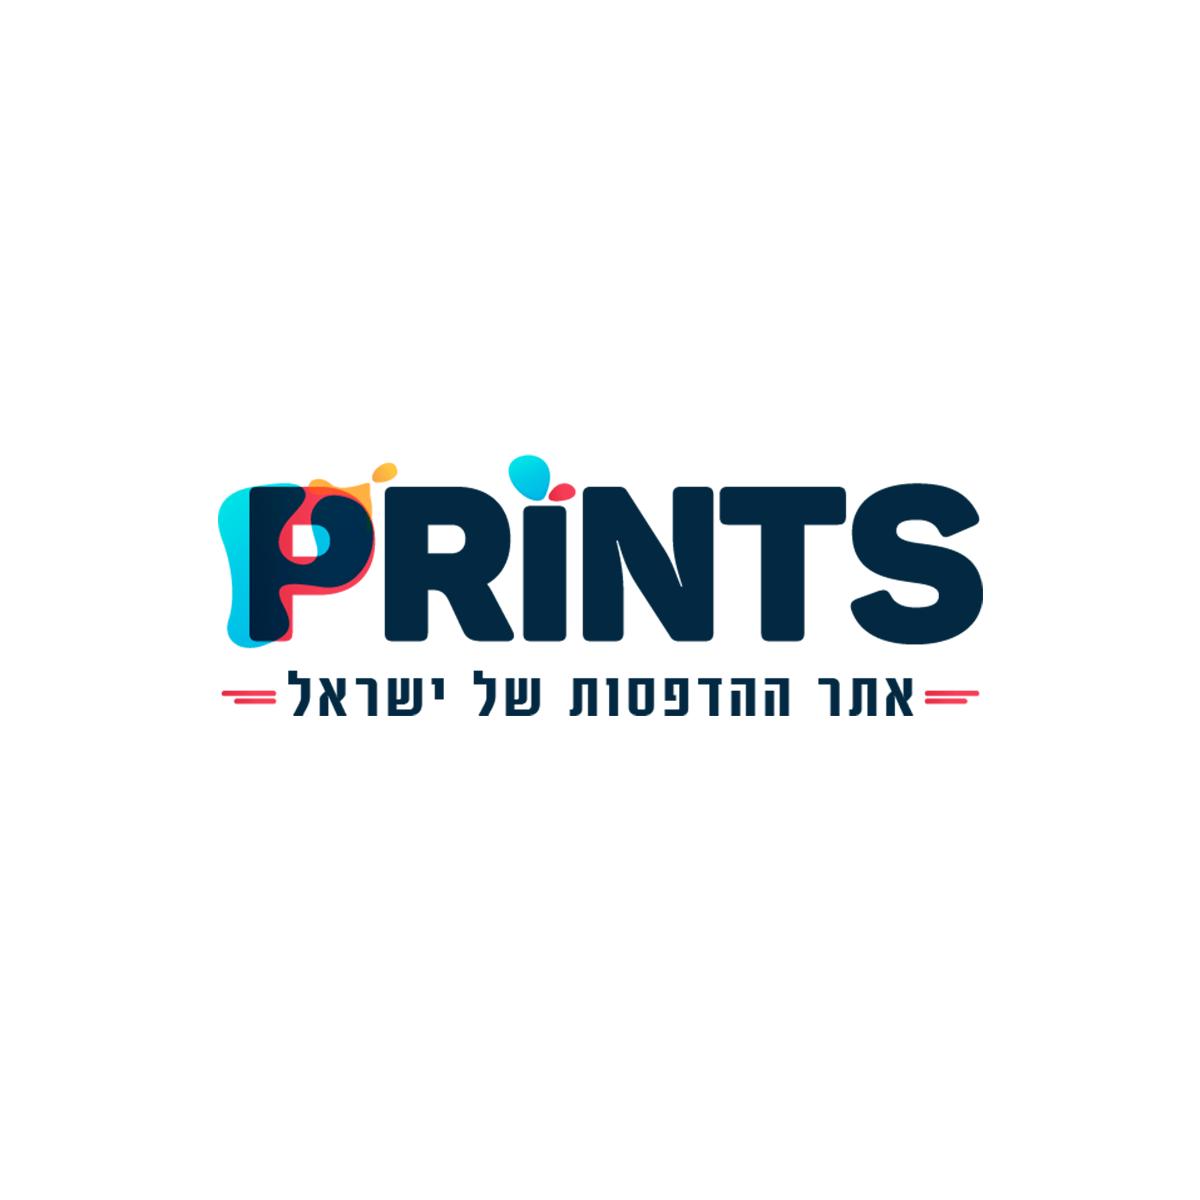 עיצוב לוגו פרינטס